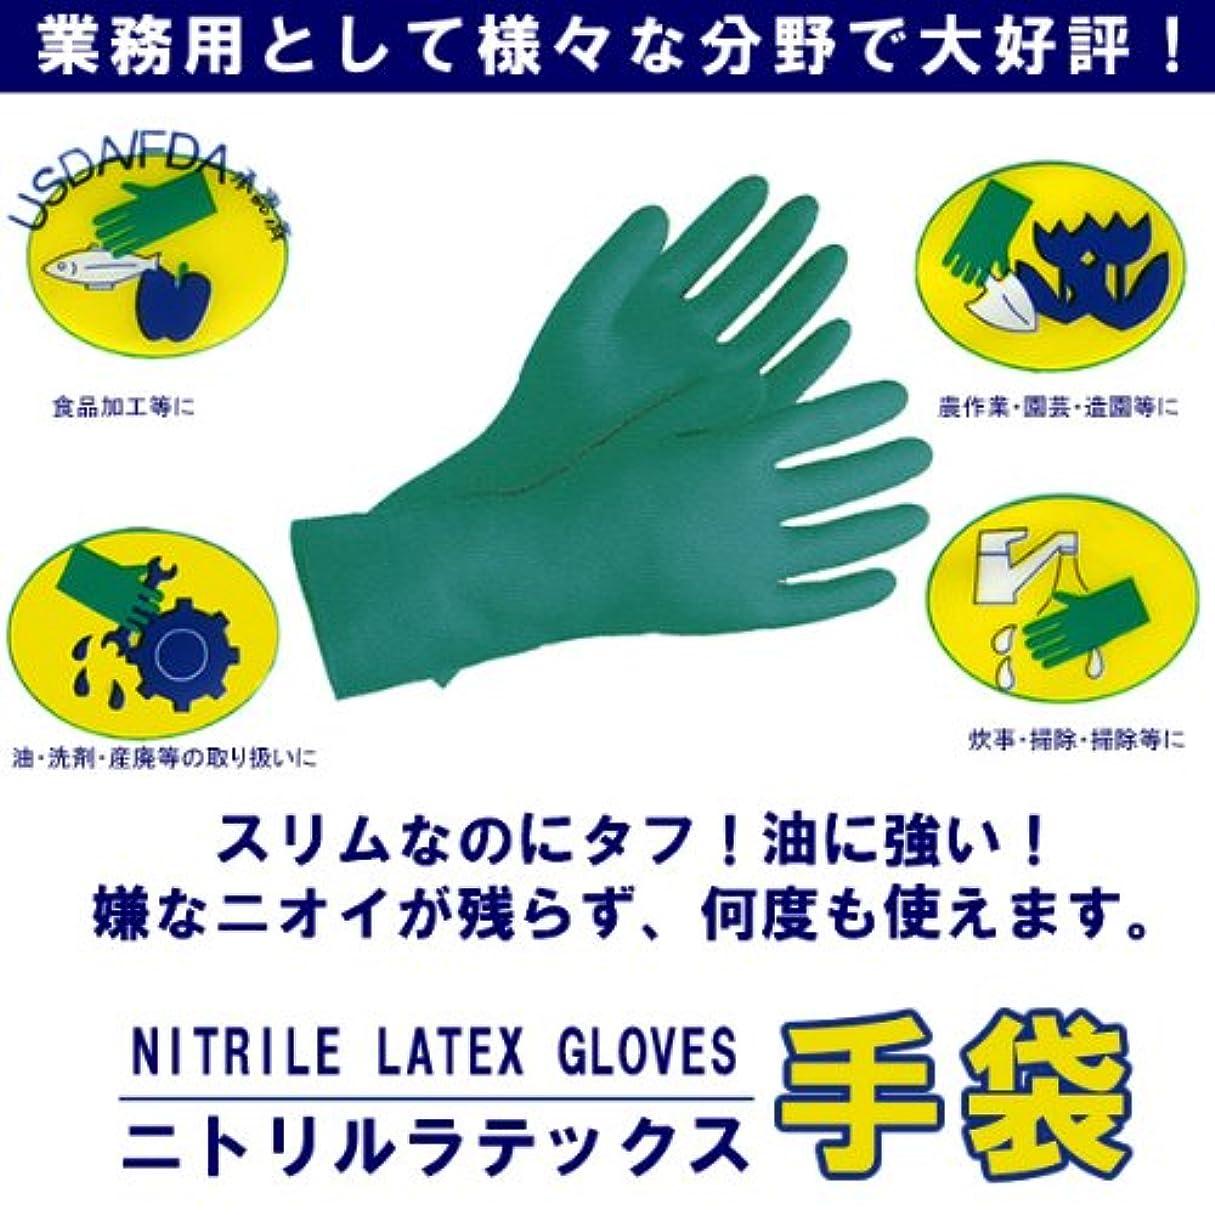 リズミカルな十分囚人ニトリルラテックス手袋 Mサイズ